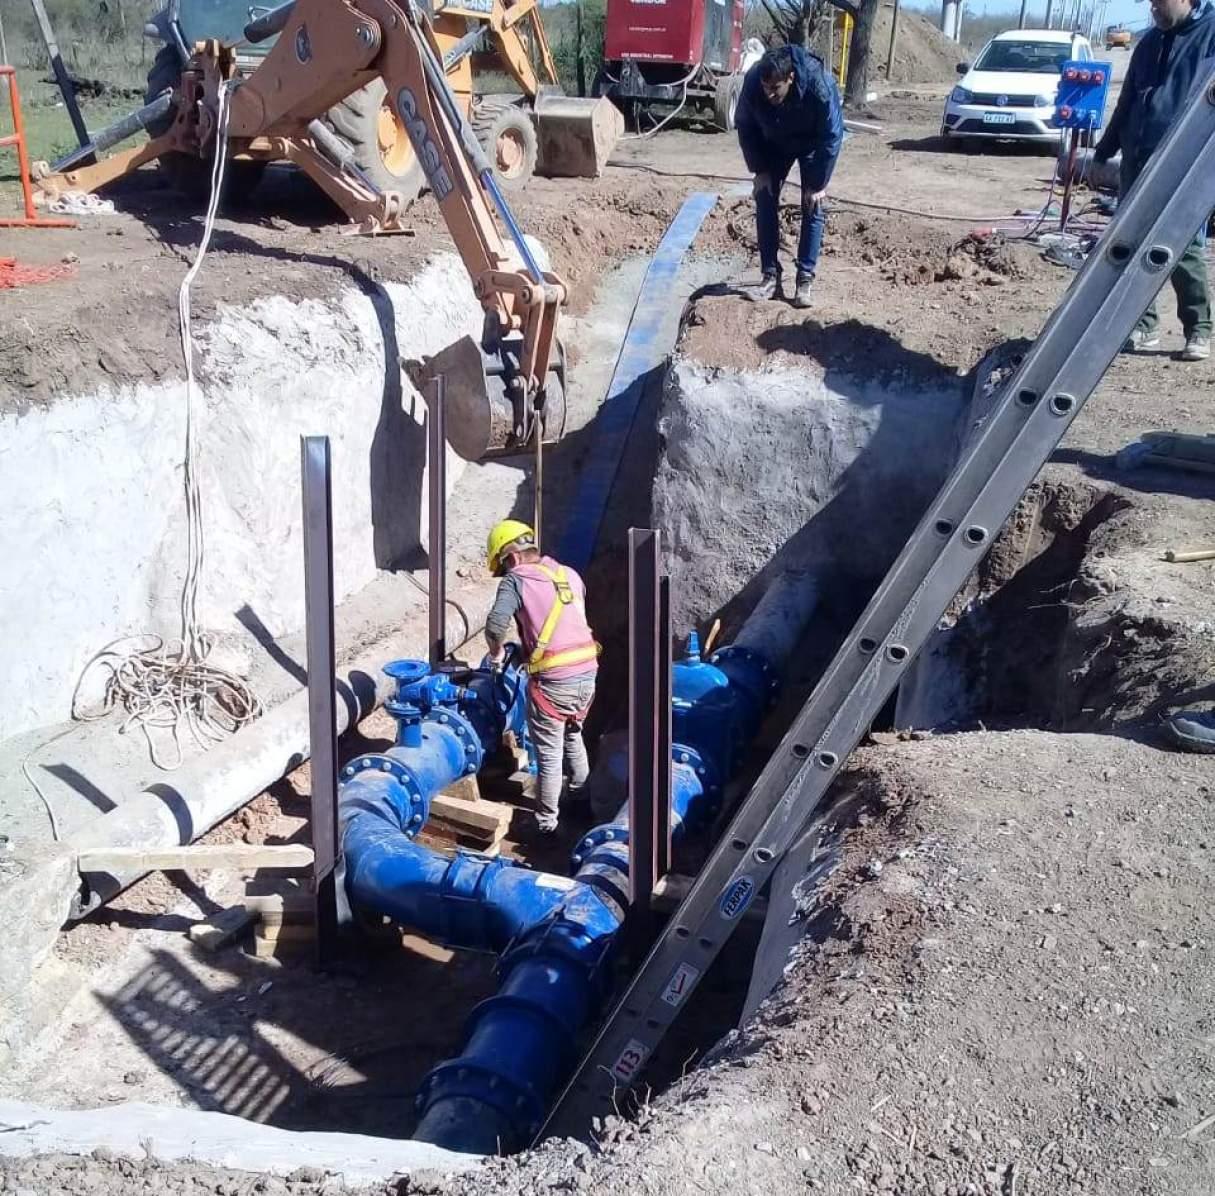 El próximo martes habrá un corte de agua en San Lorenzo